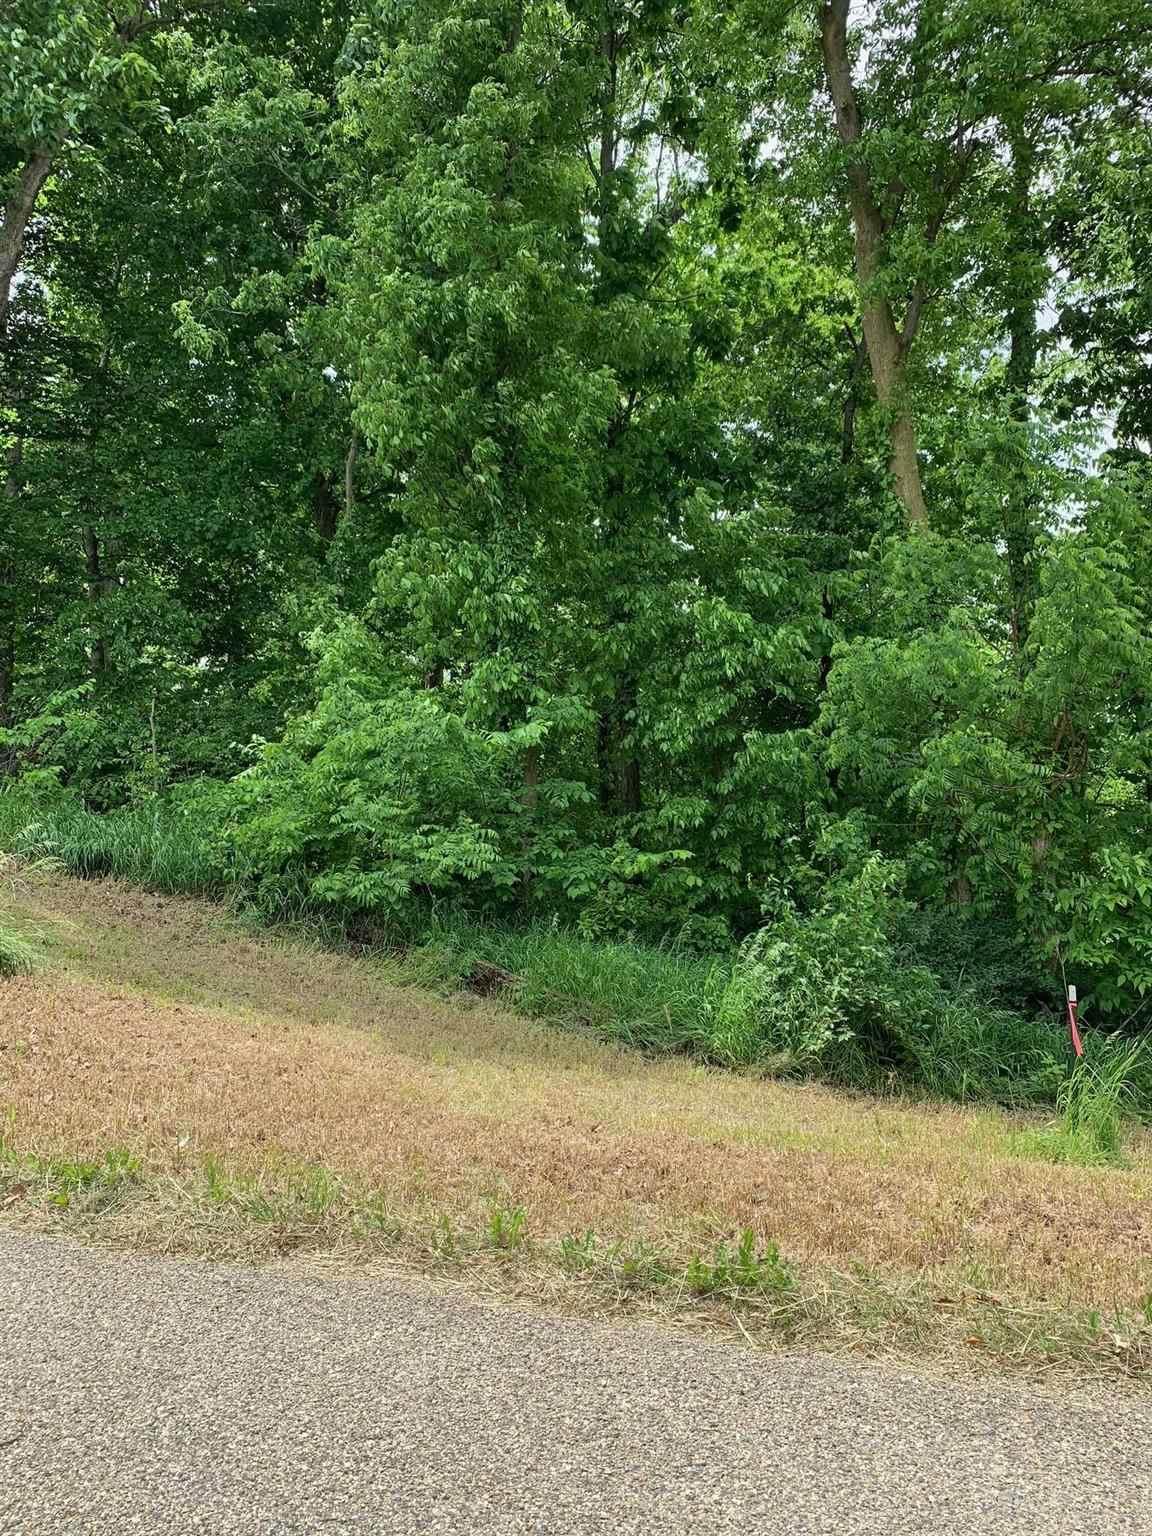 9026 Rainsville Rd - Lot 4 - Photo 1